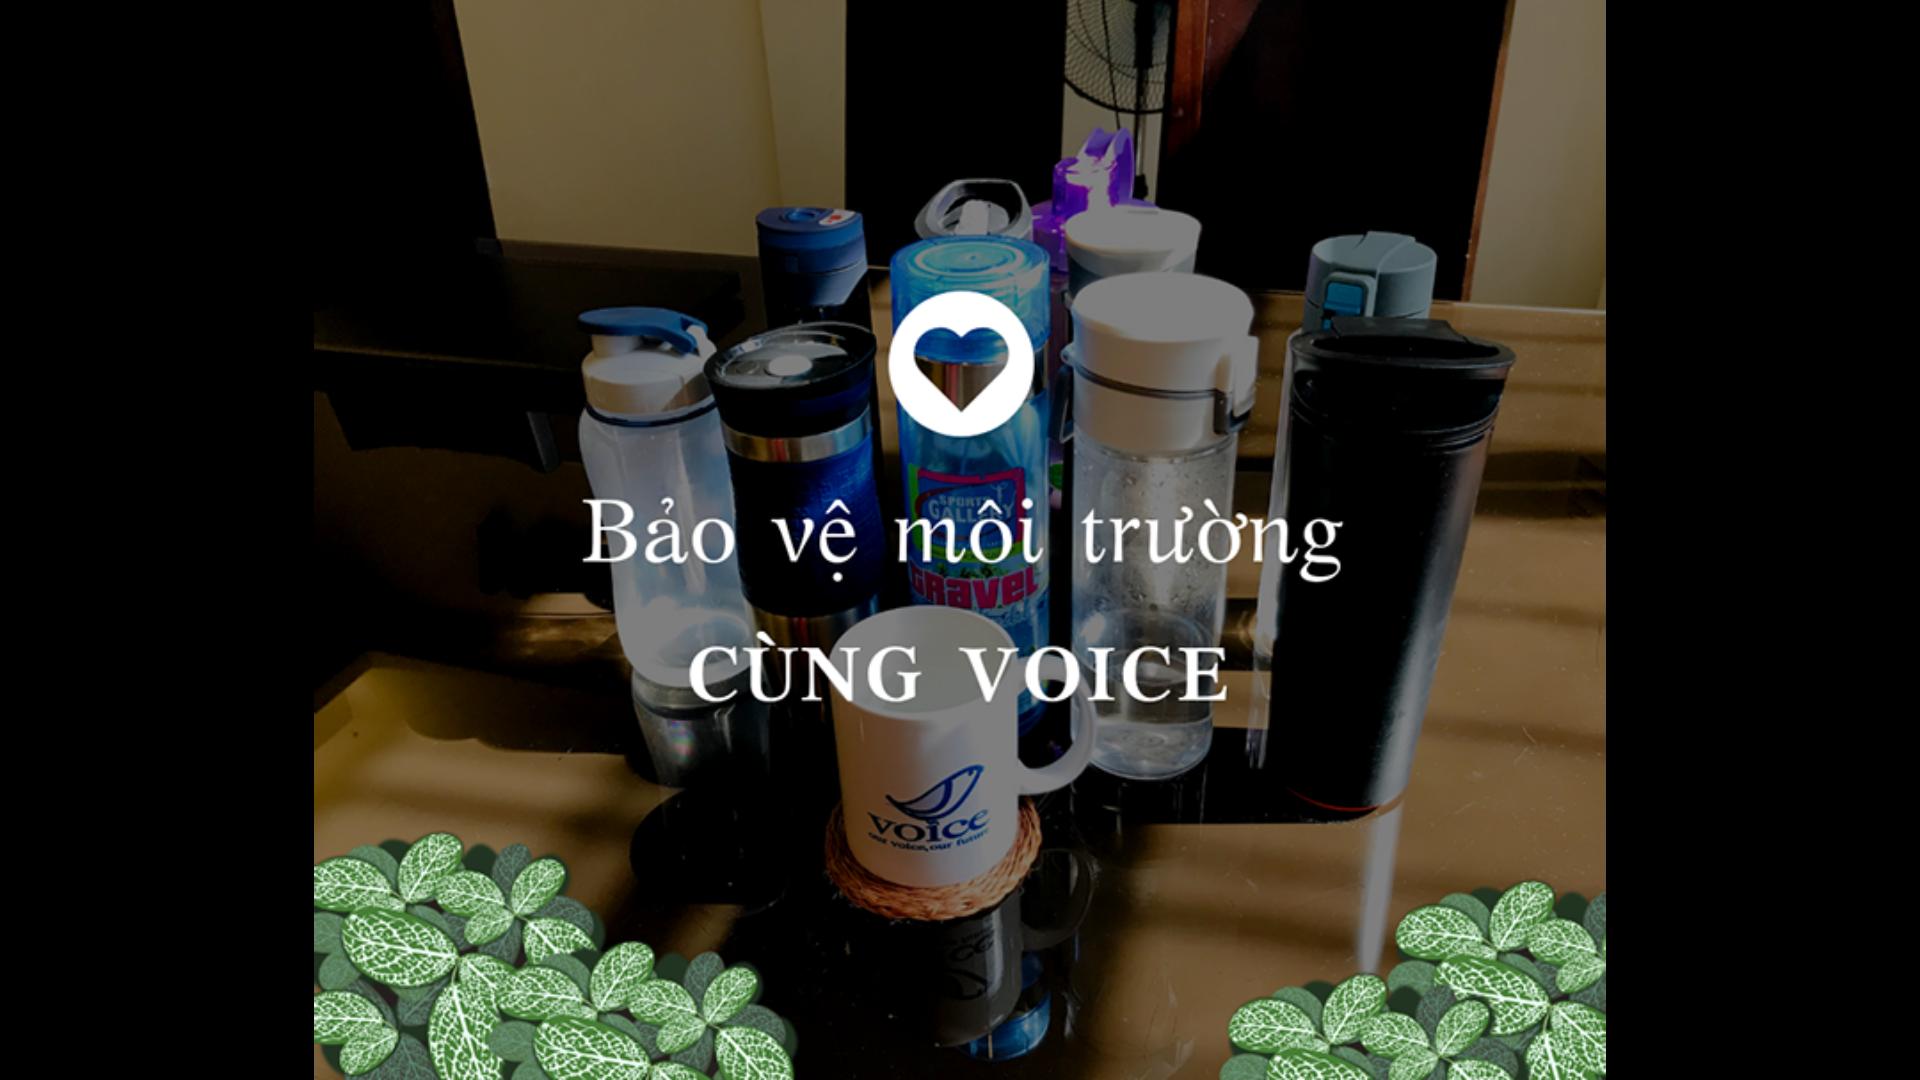 Cuộc sống ở VOICE